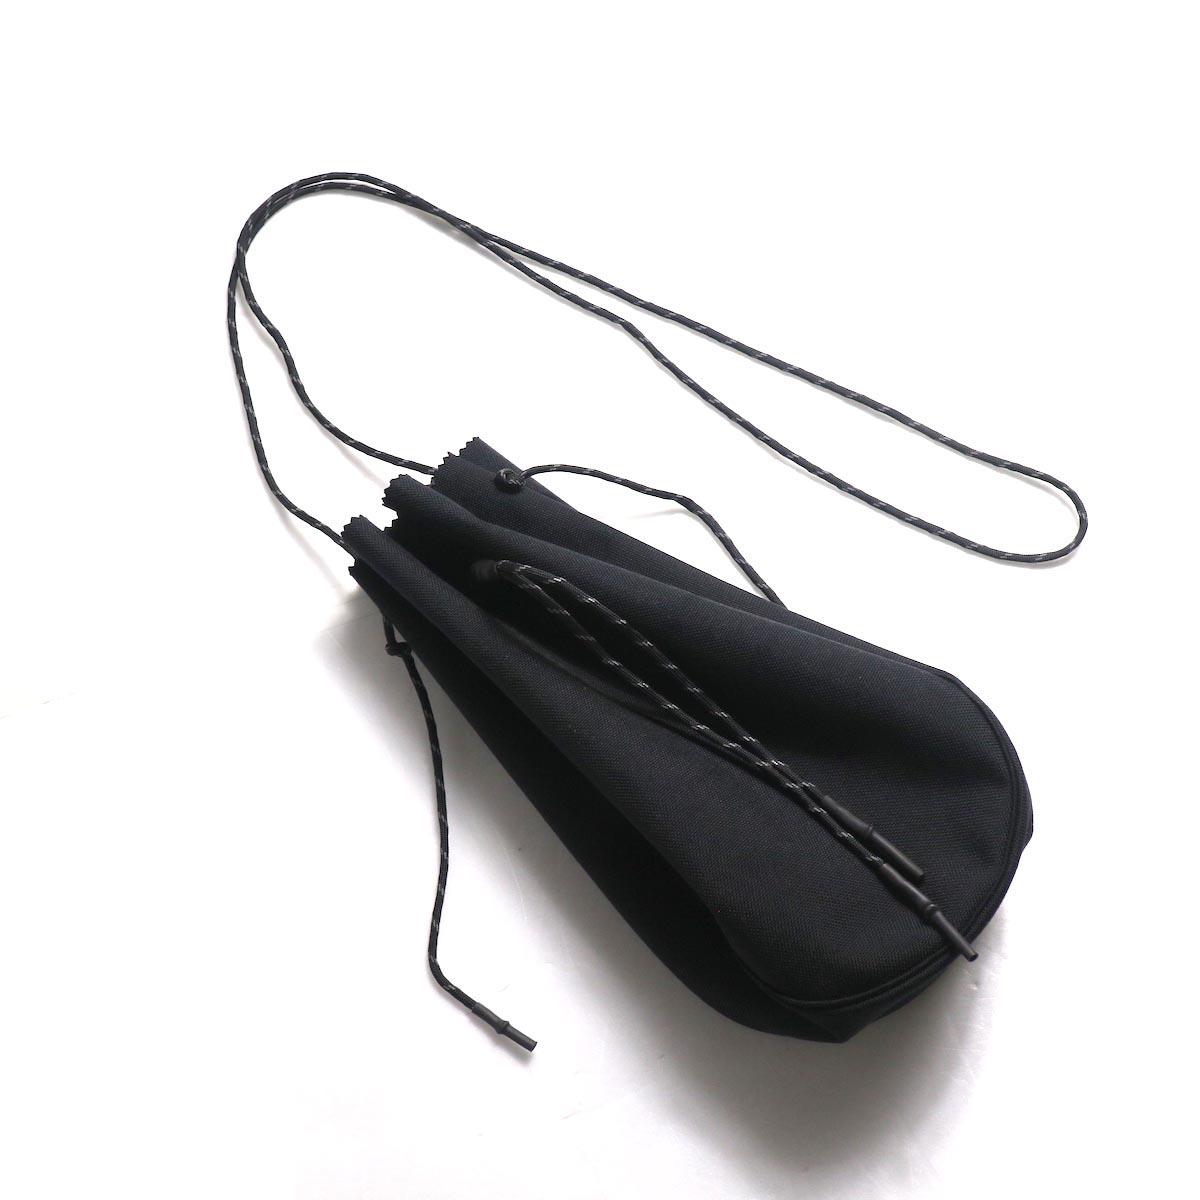 吉岡衣料店 / drawstring bag -L-. (Black)